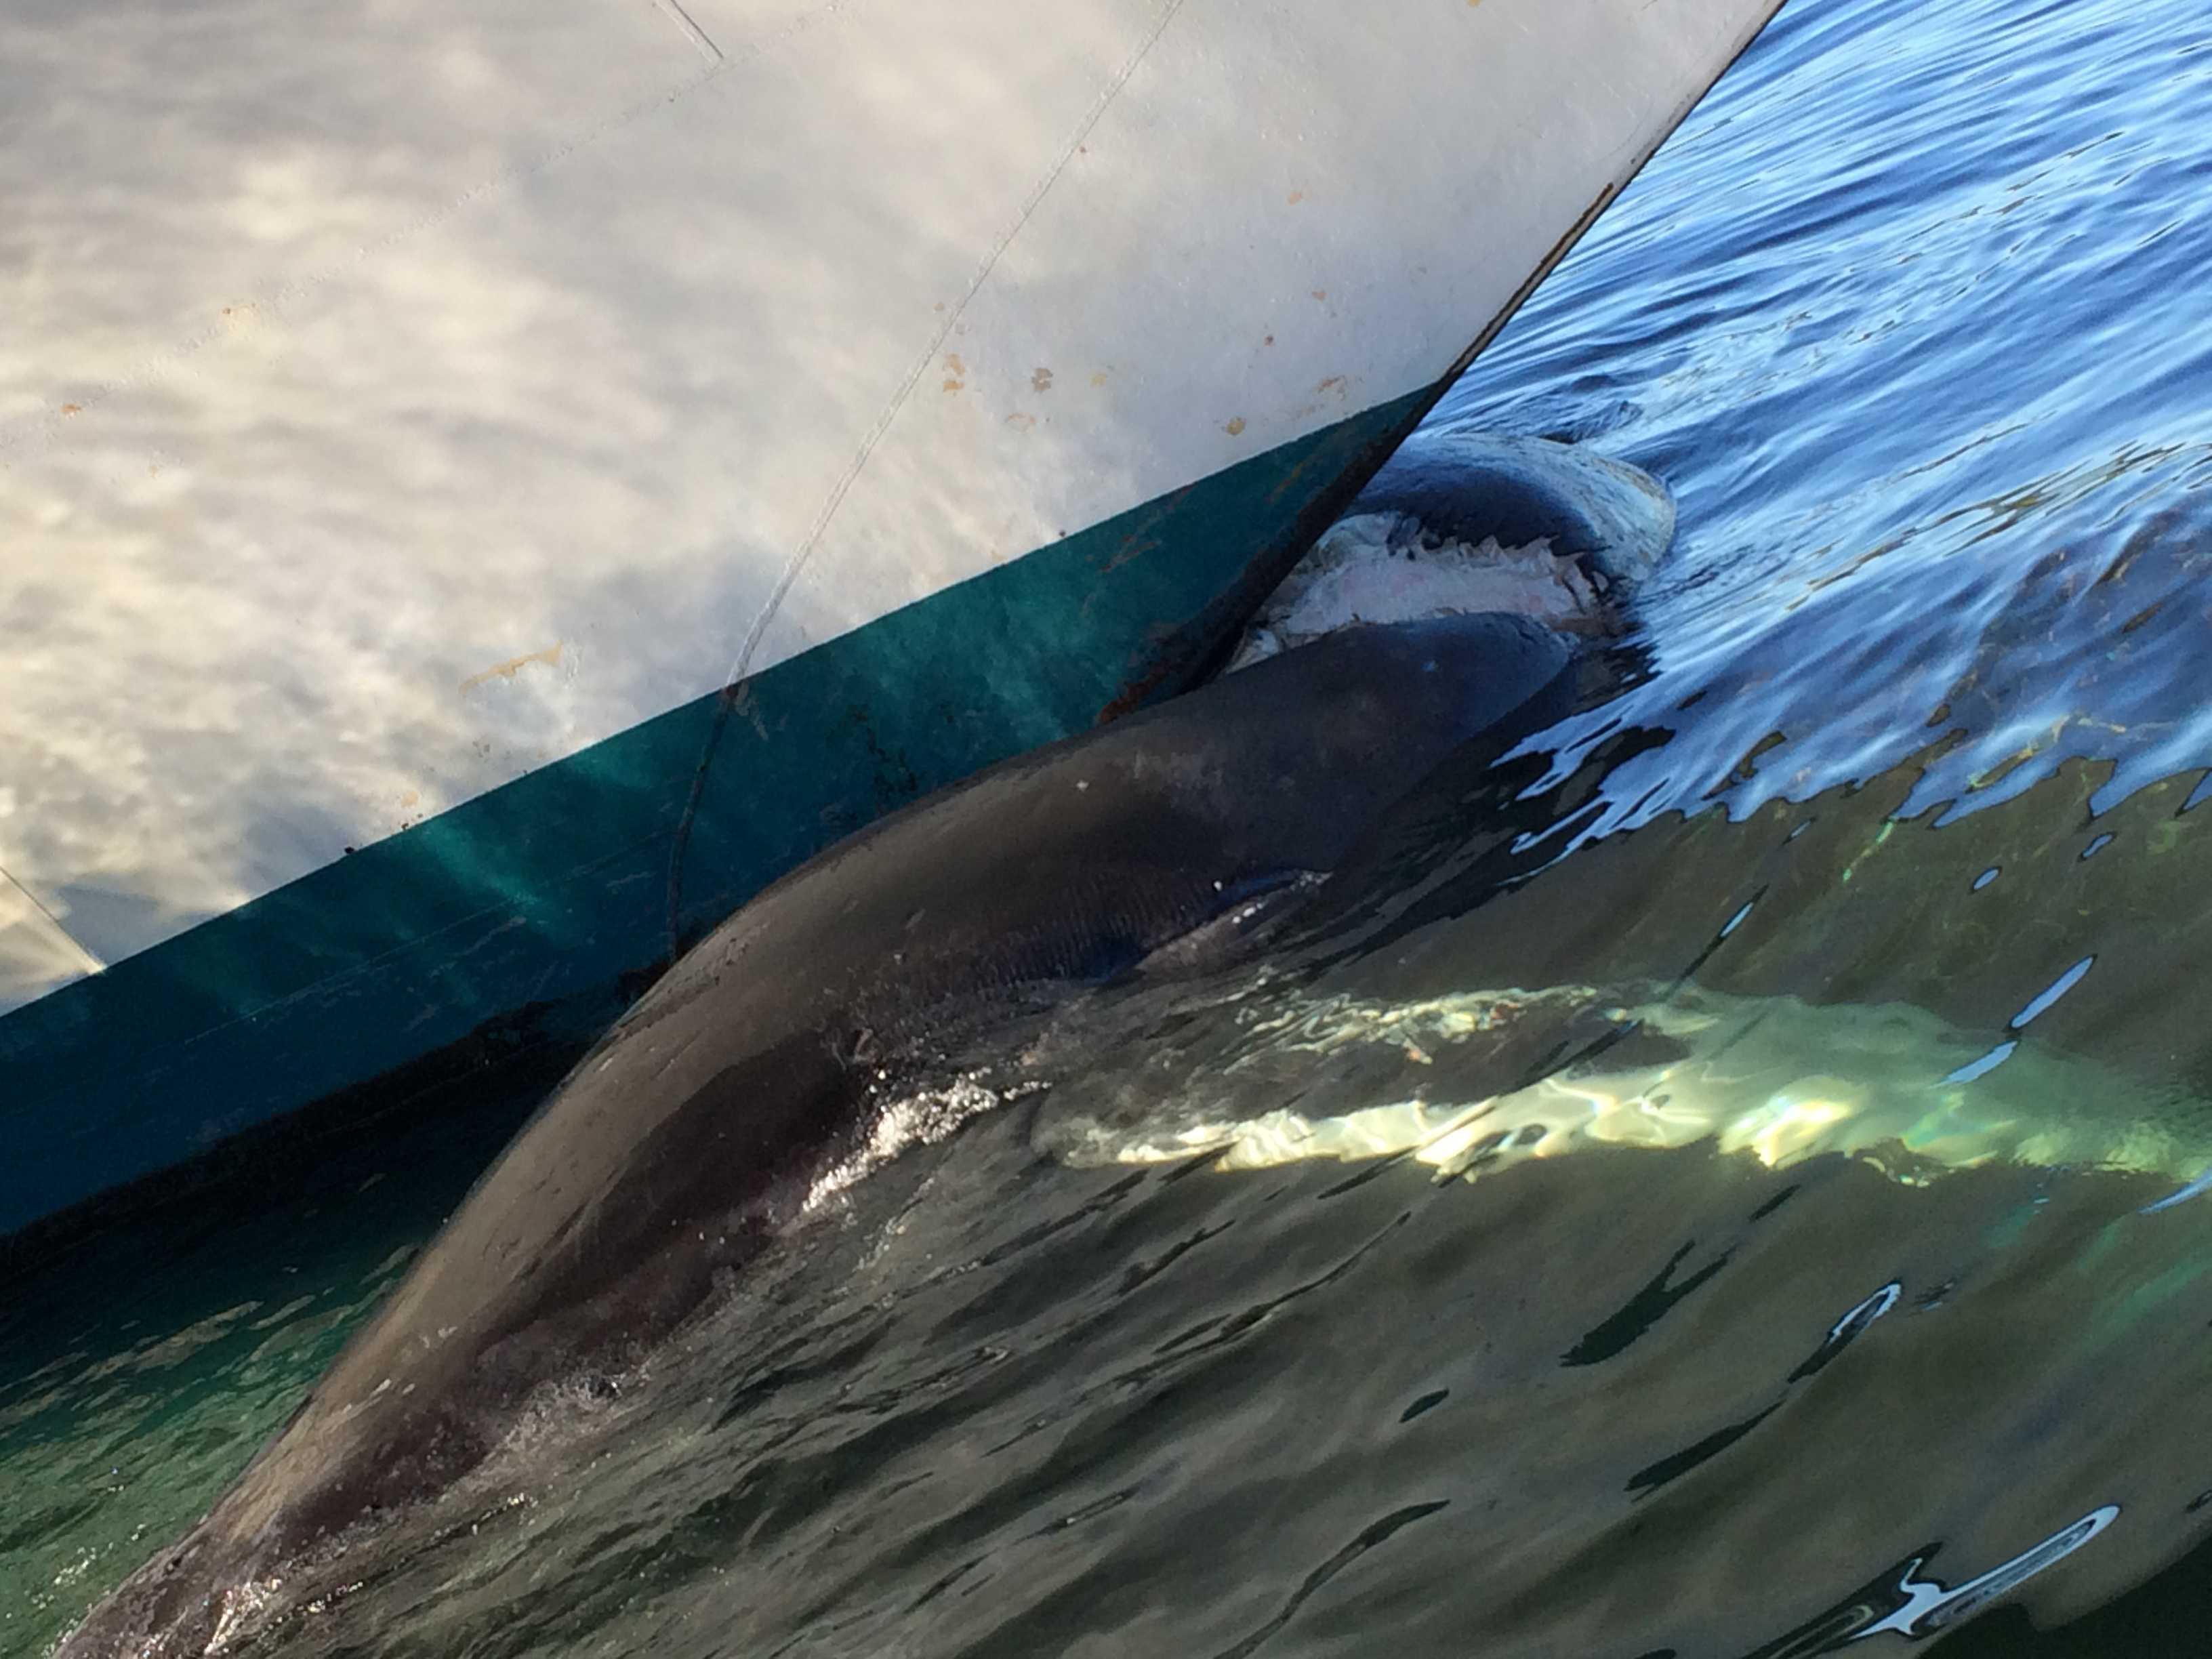 NOAA Statement on Ketchikan humpback whale